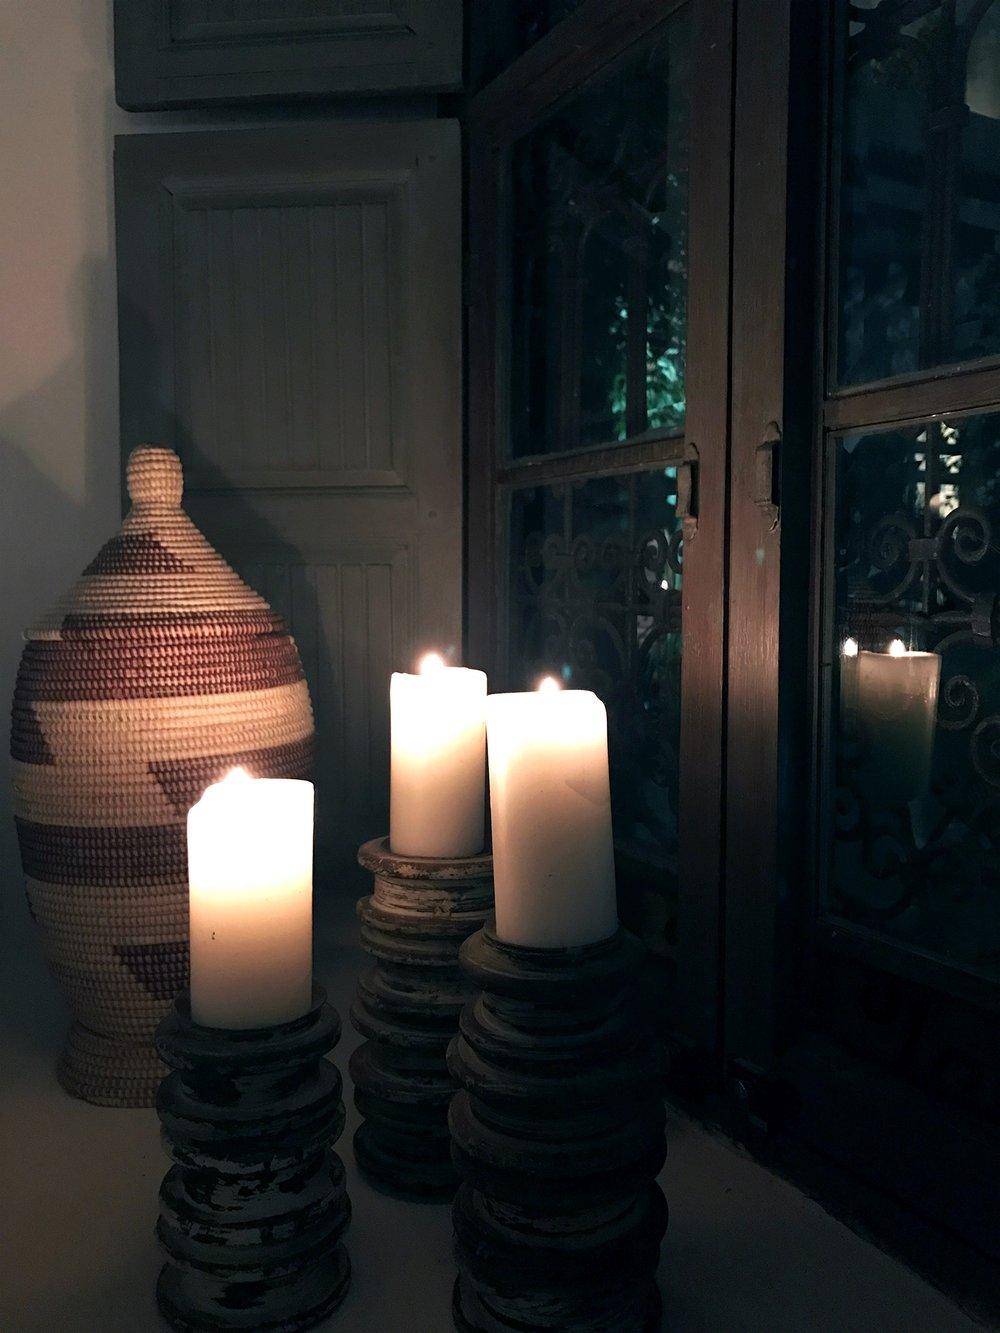 Marrakesh-Riad-Be-Mena-candle-details.jpg